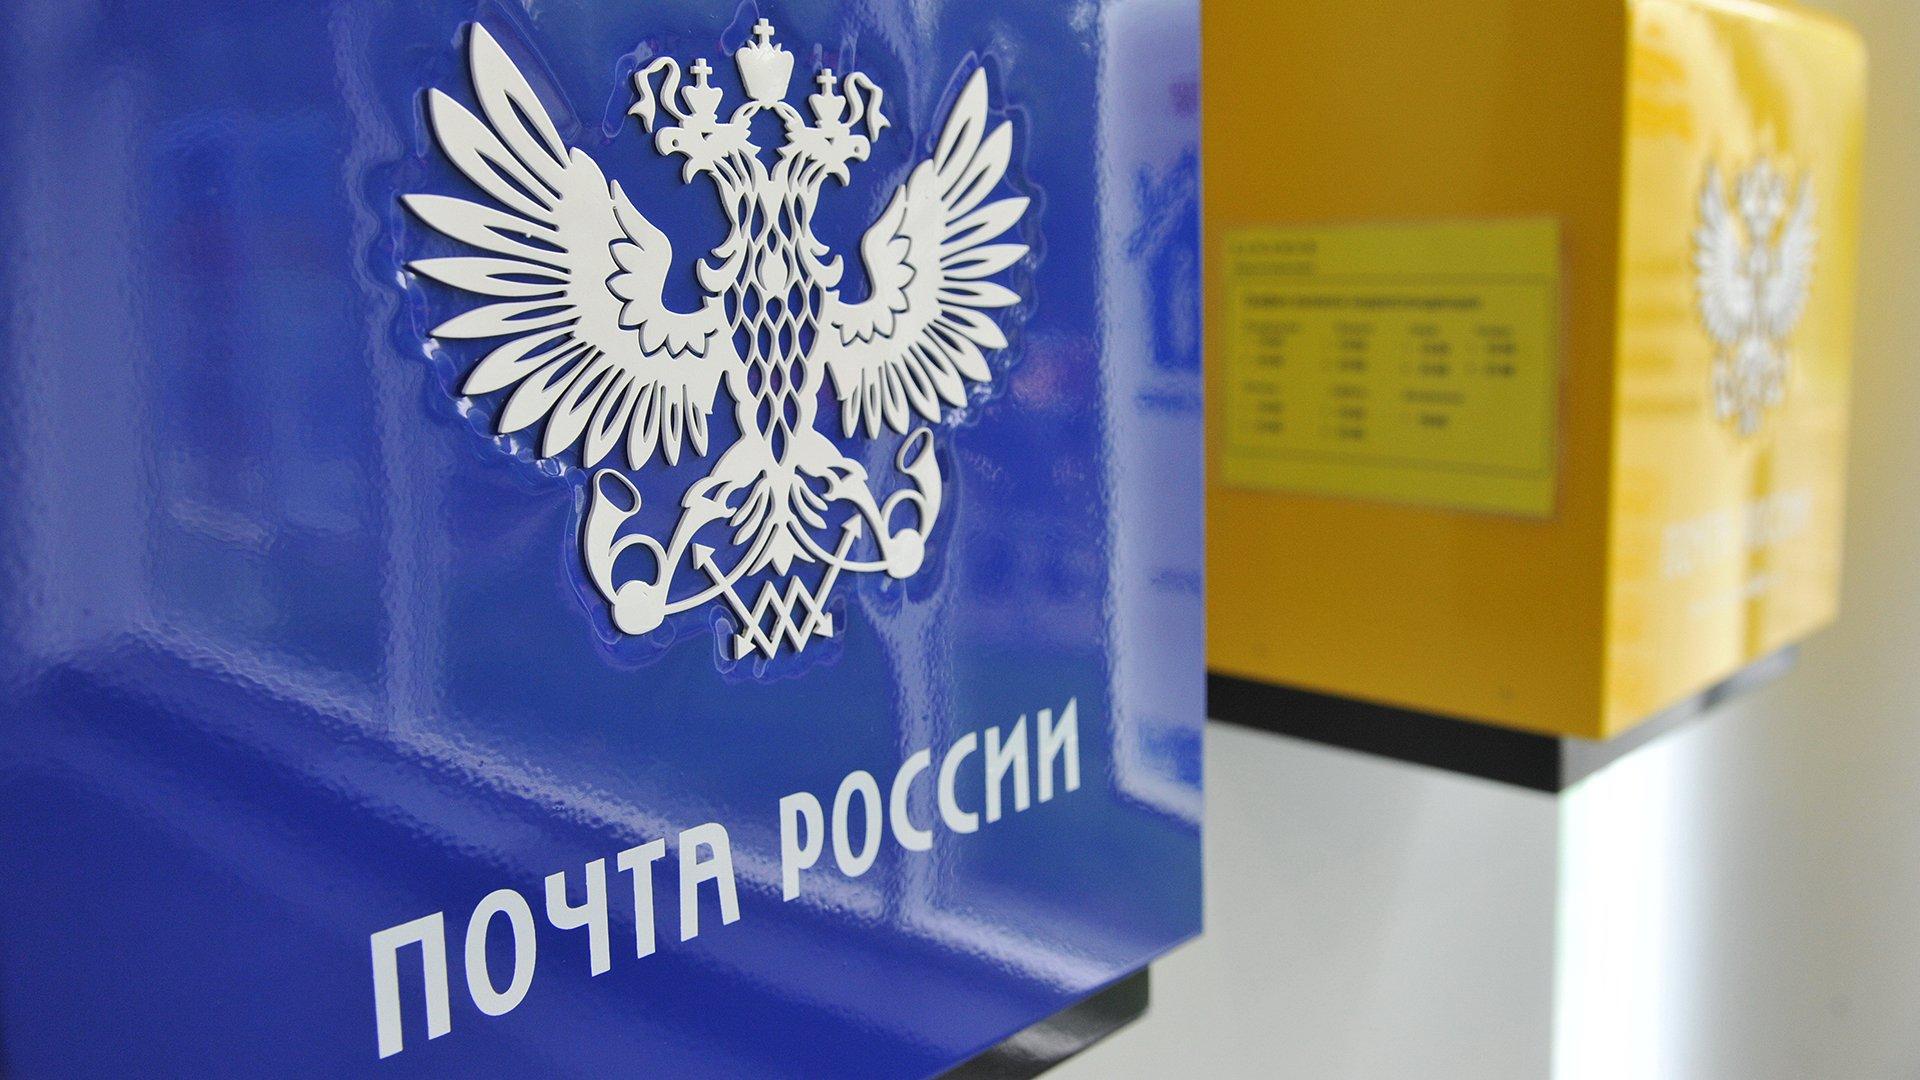 Из-за проблем с интернетом почтовые отделения Тверской области не оказывают некоторые услуги